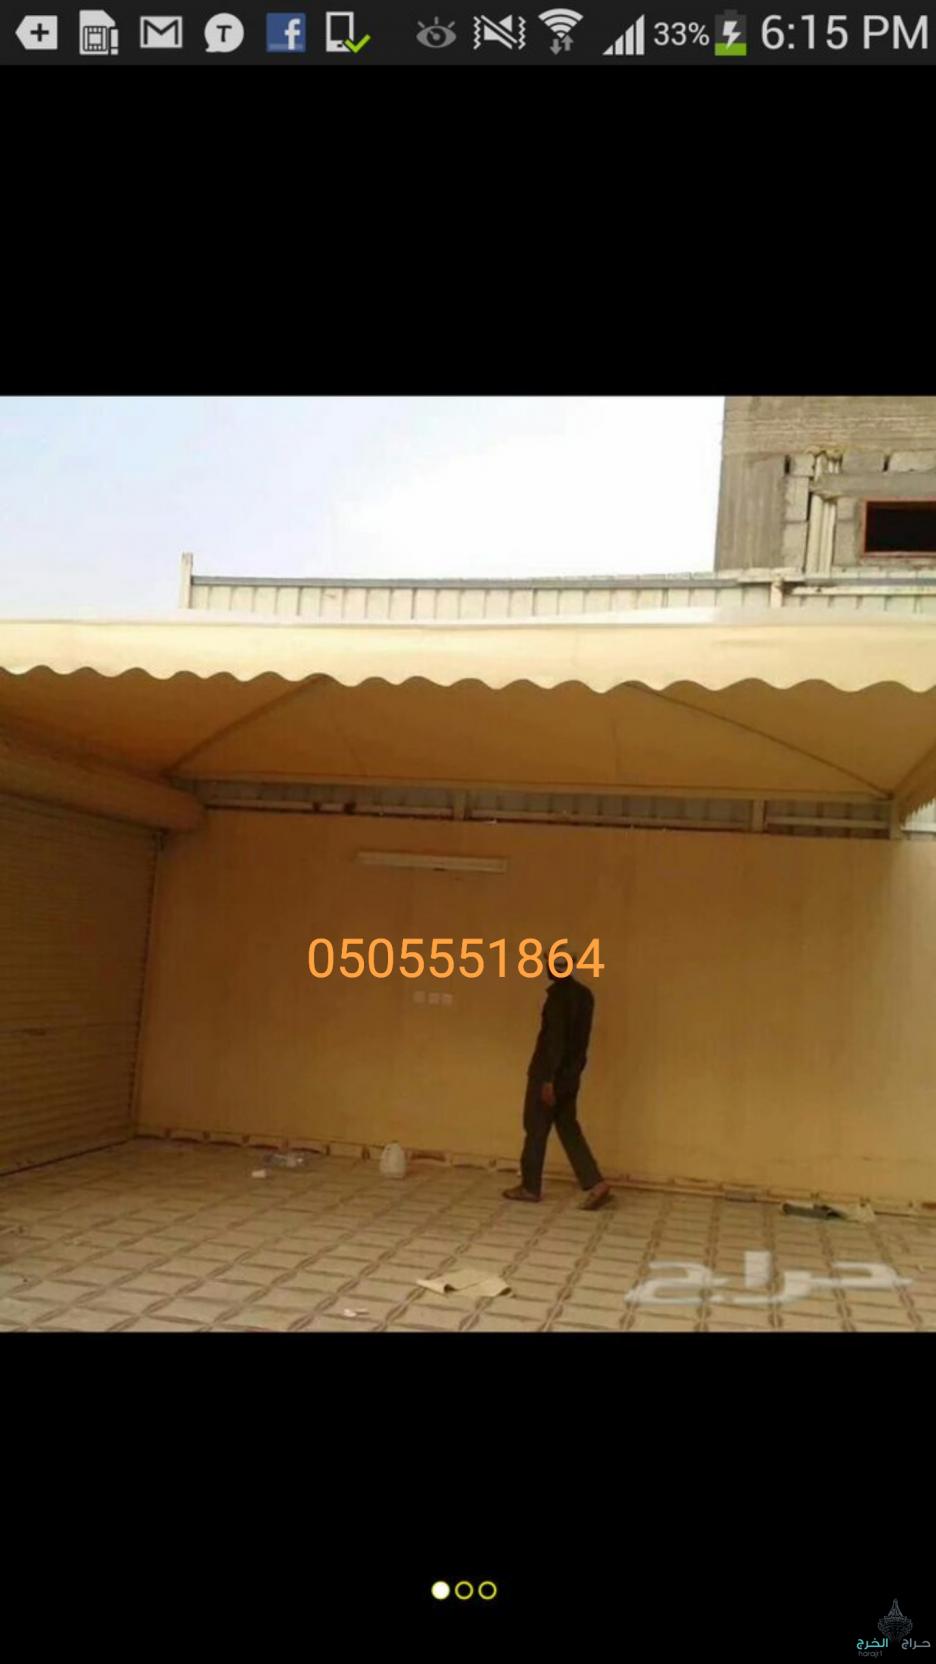 تركيب مظلات حدائق الرياض 0505551864 مظلات حدائق الخرج